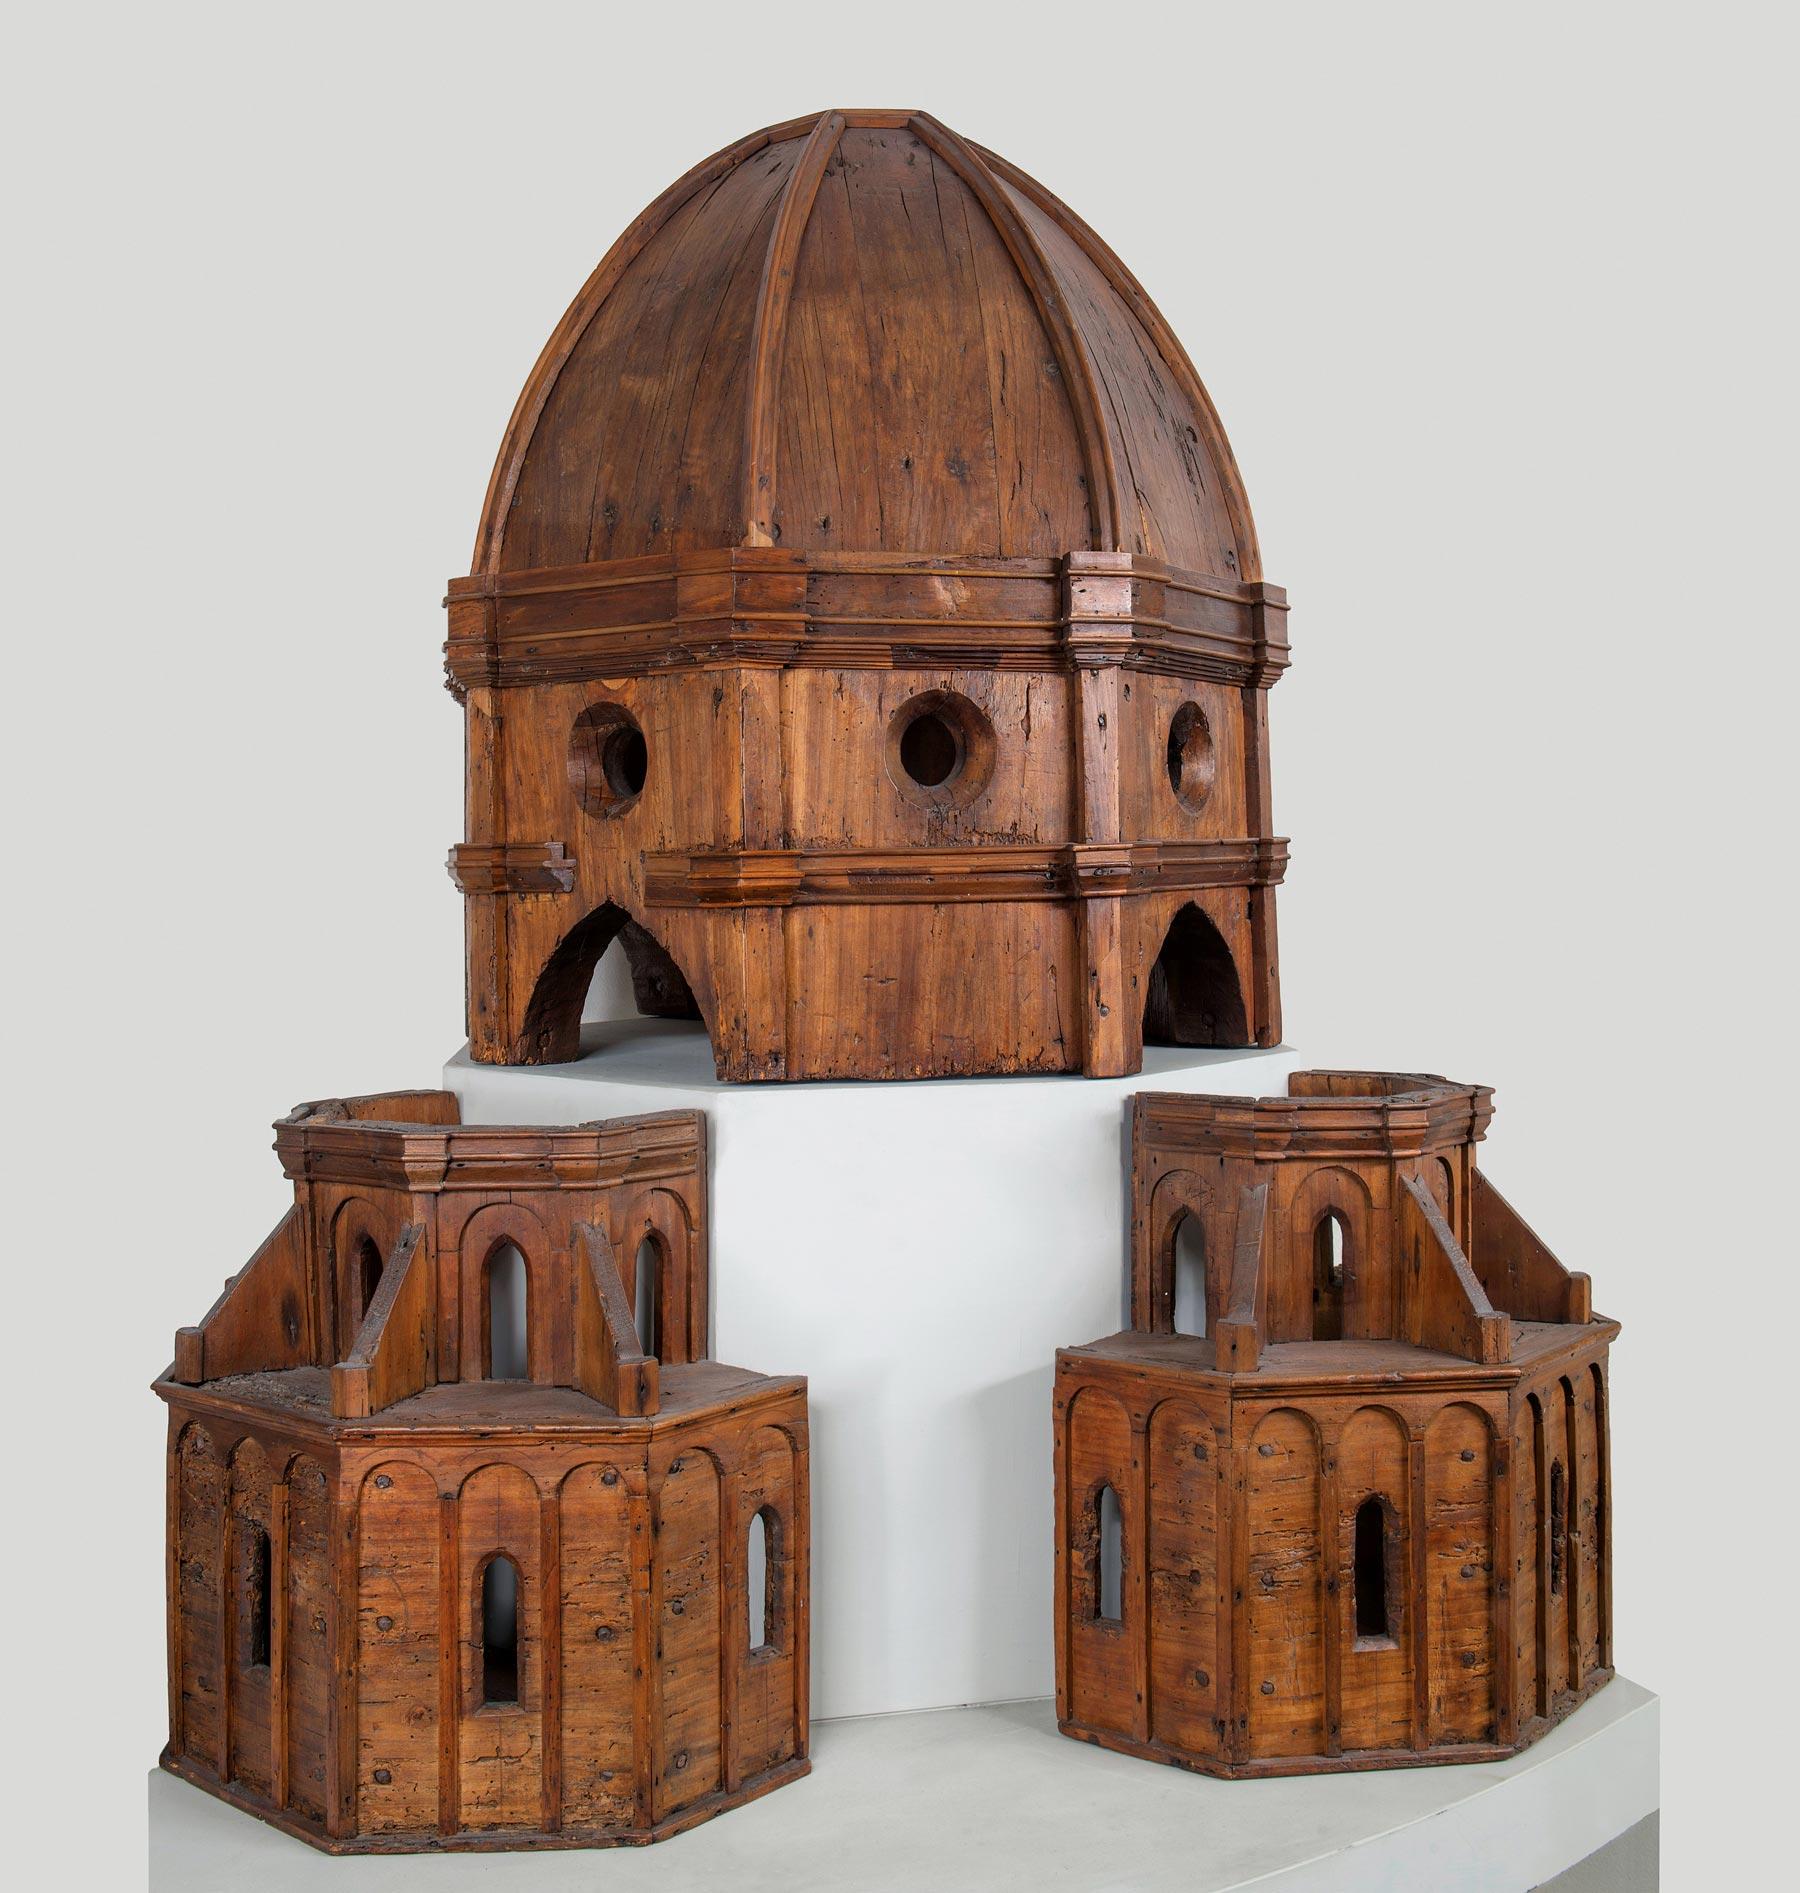 Filippo Brunelleschi (attribuito), Modello ligneo della Cupola (1420-1440 circa; legno; Firenze, Museo del Duomo). Ph. Credit Antonio Quattrone